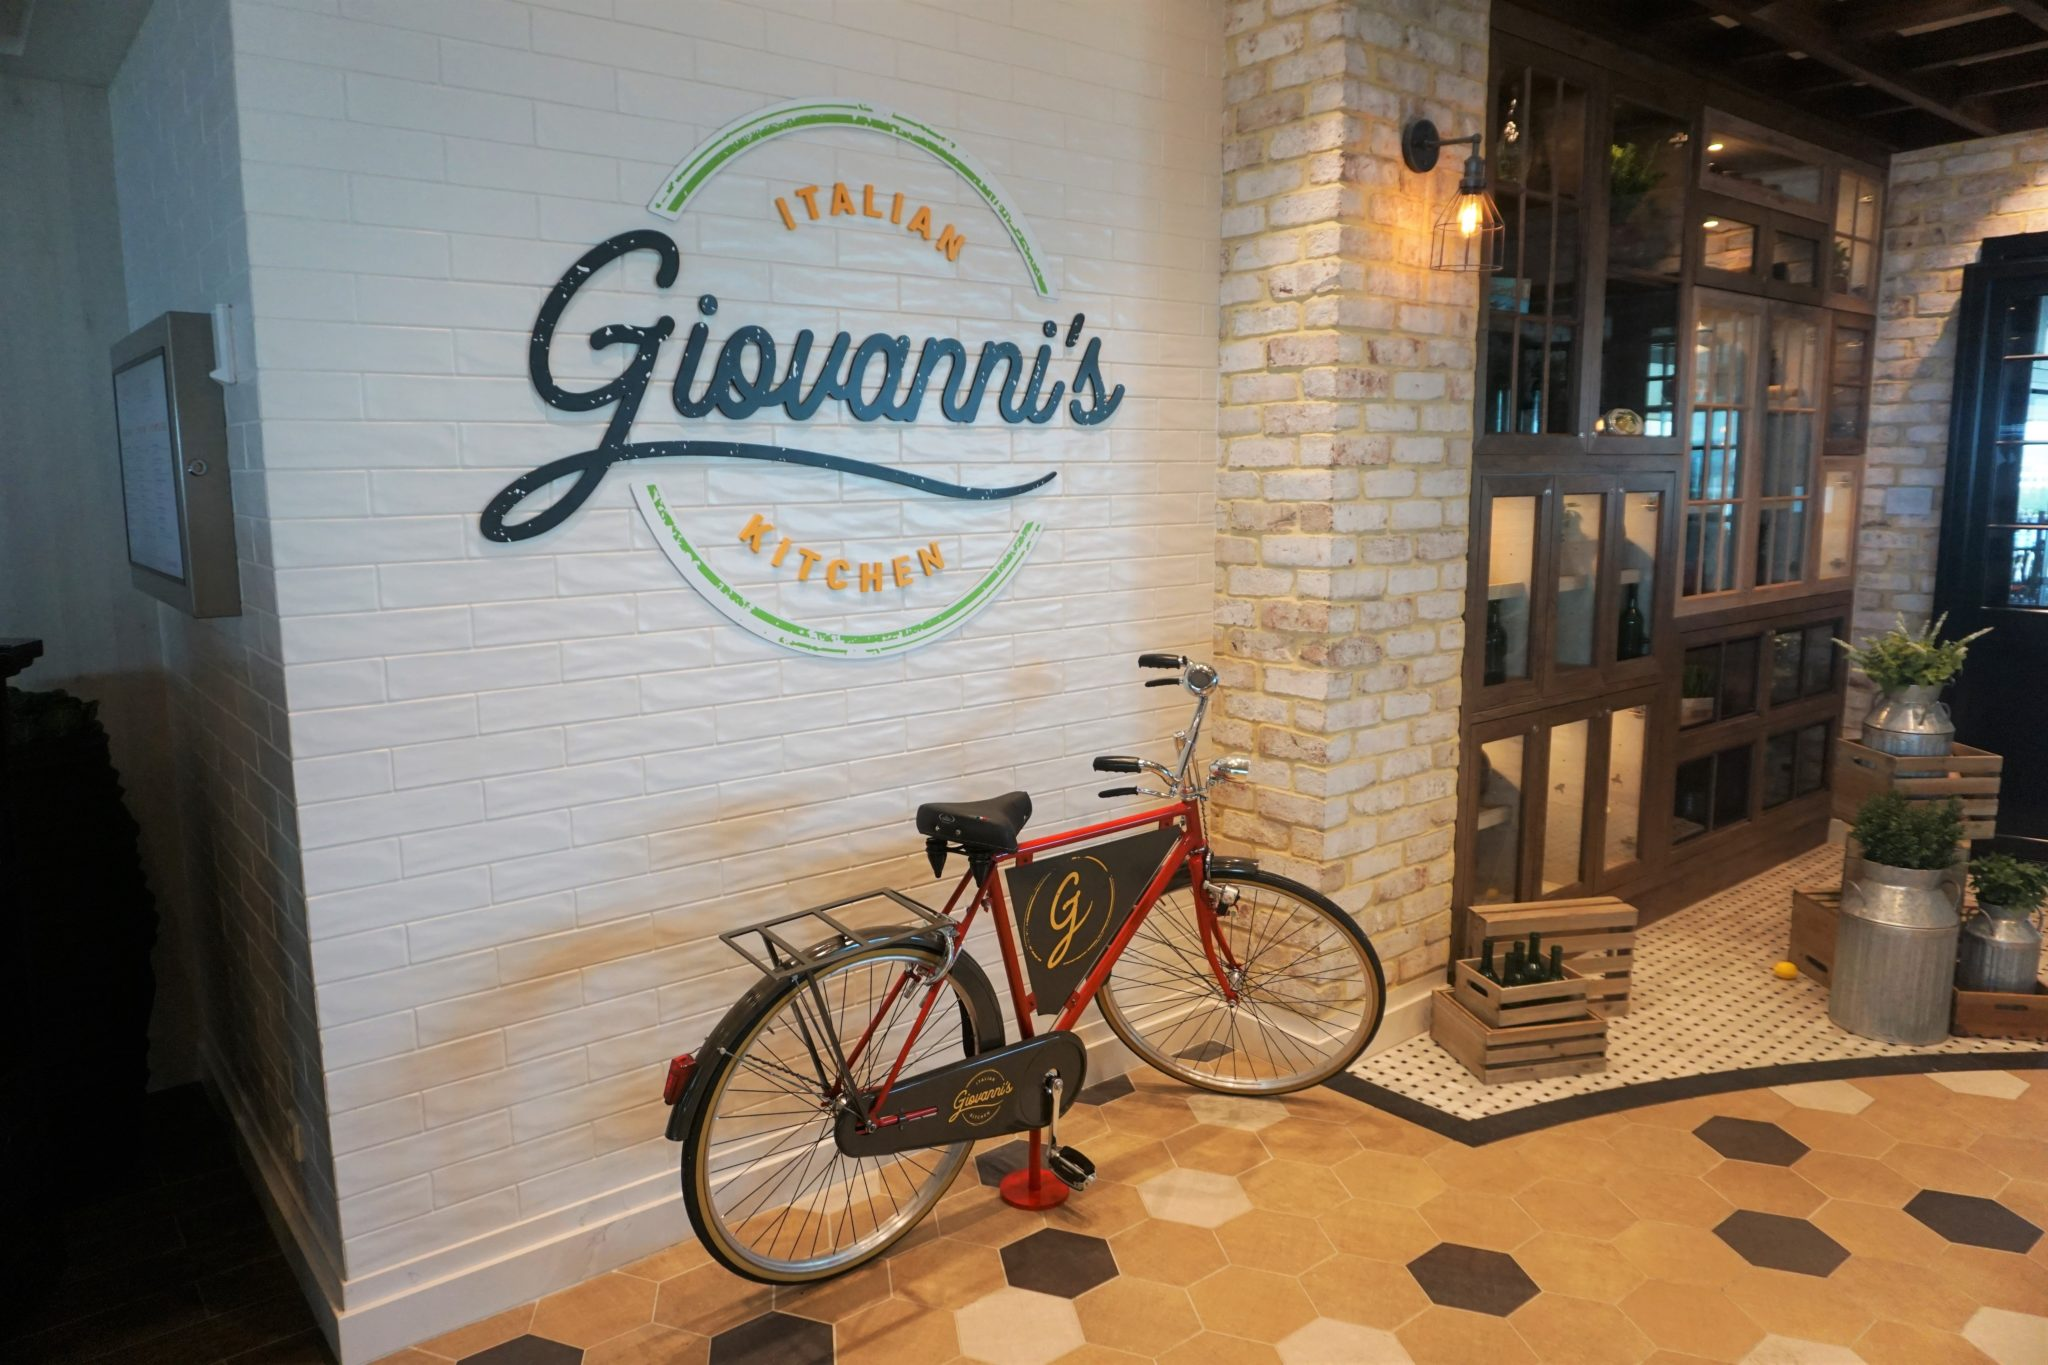 Giovanni's Italian Kitchen on Freedom of the Seas